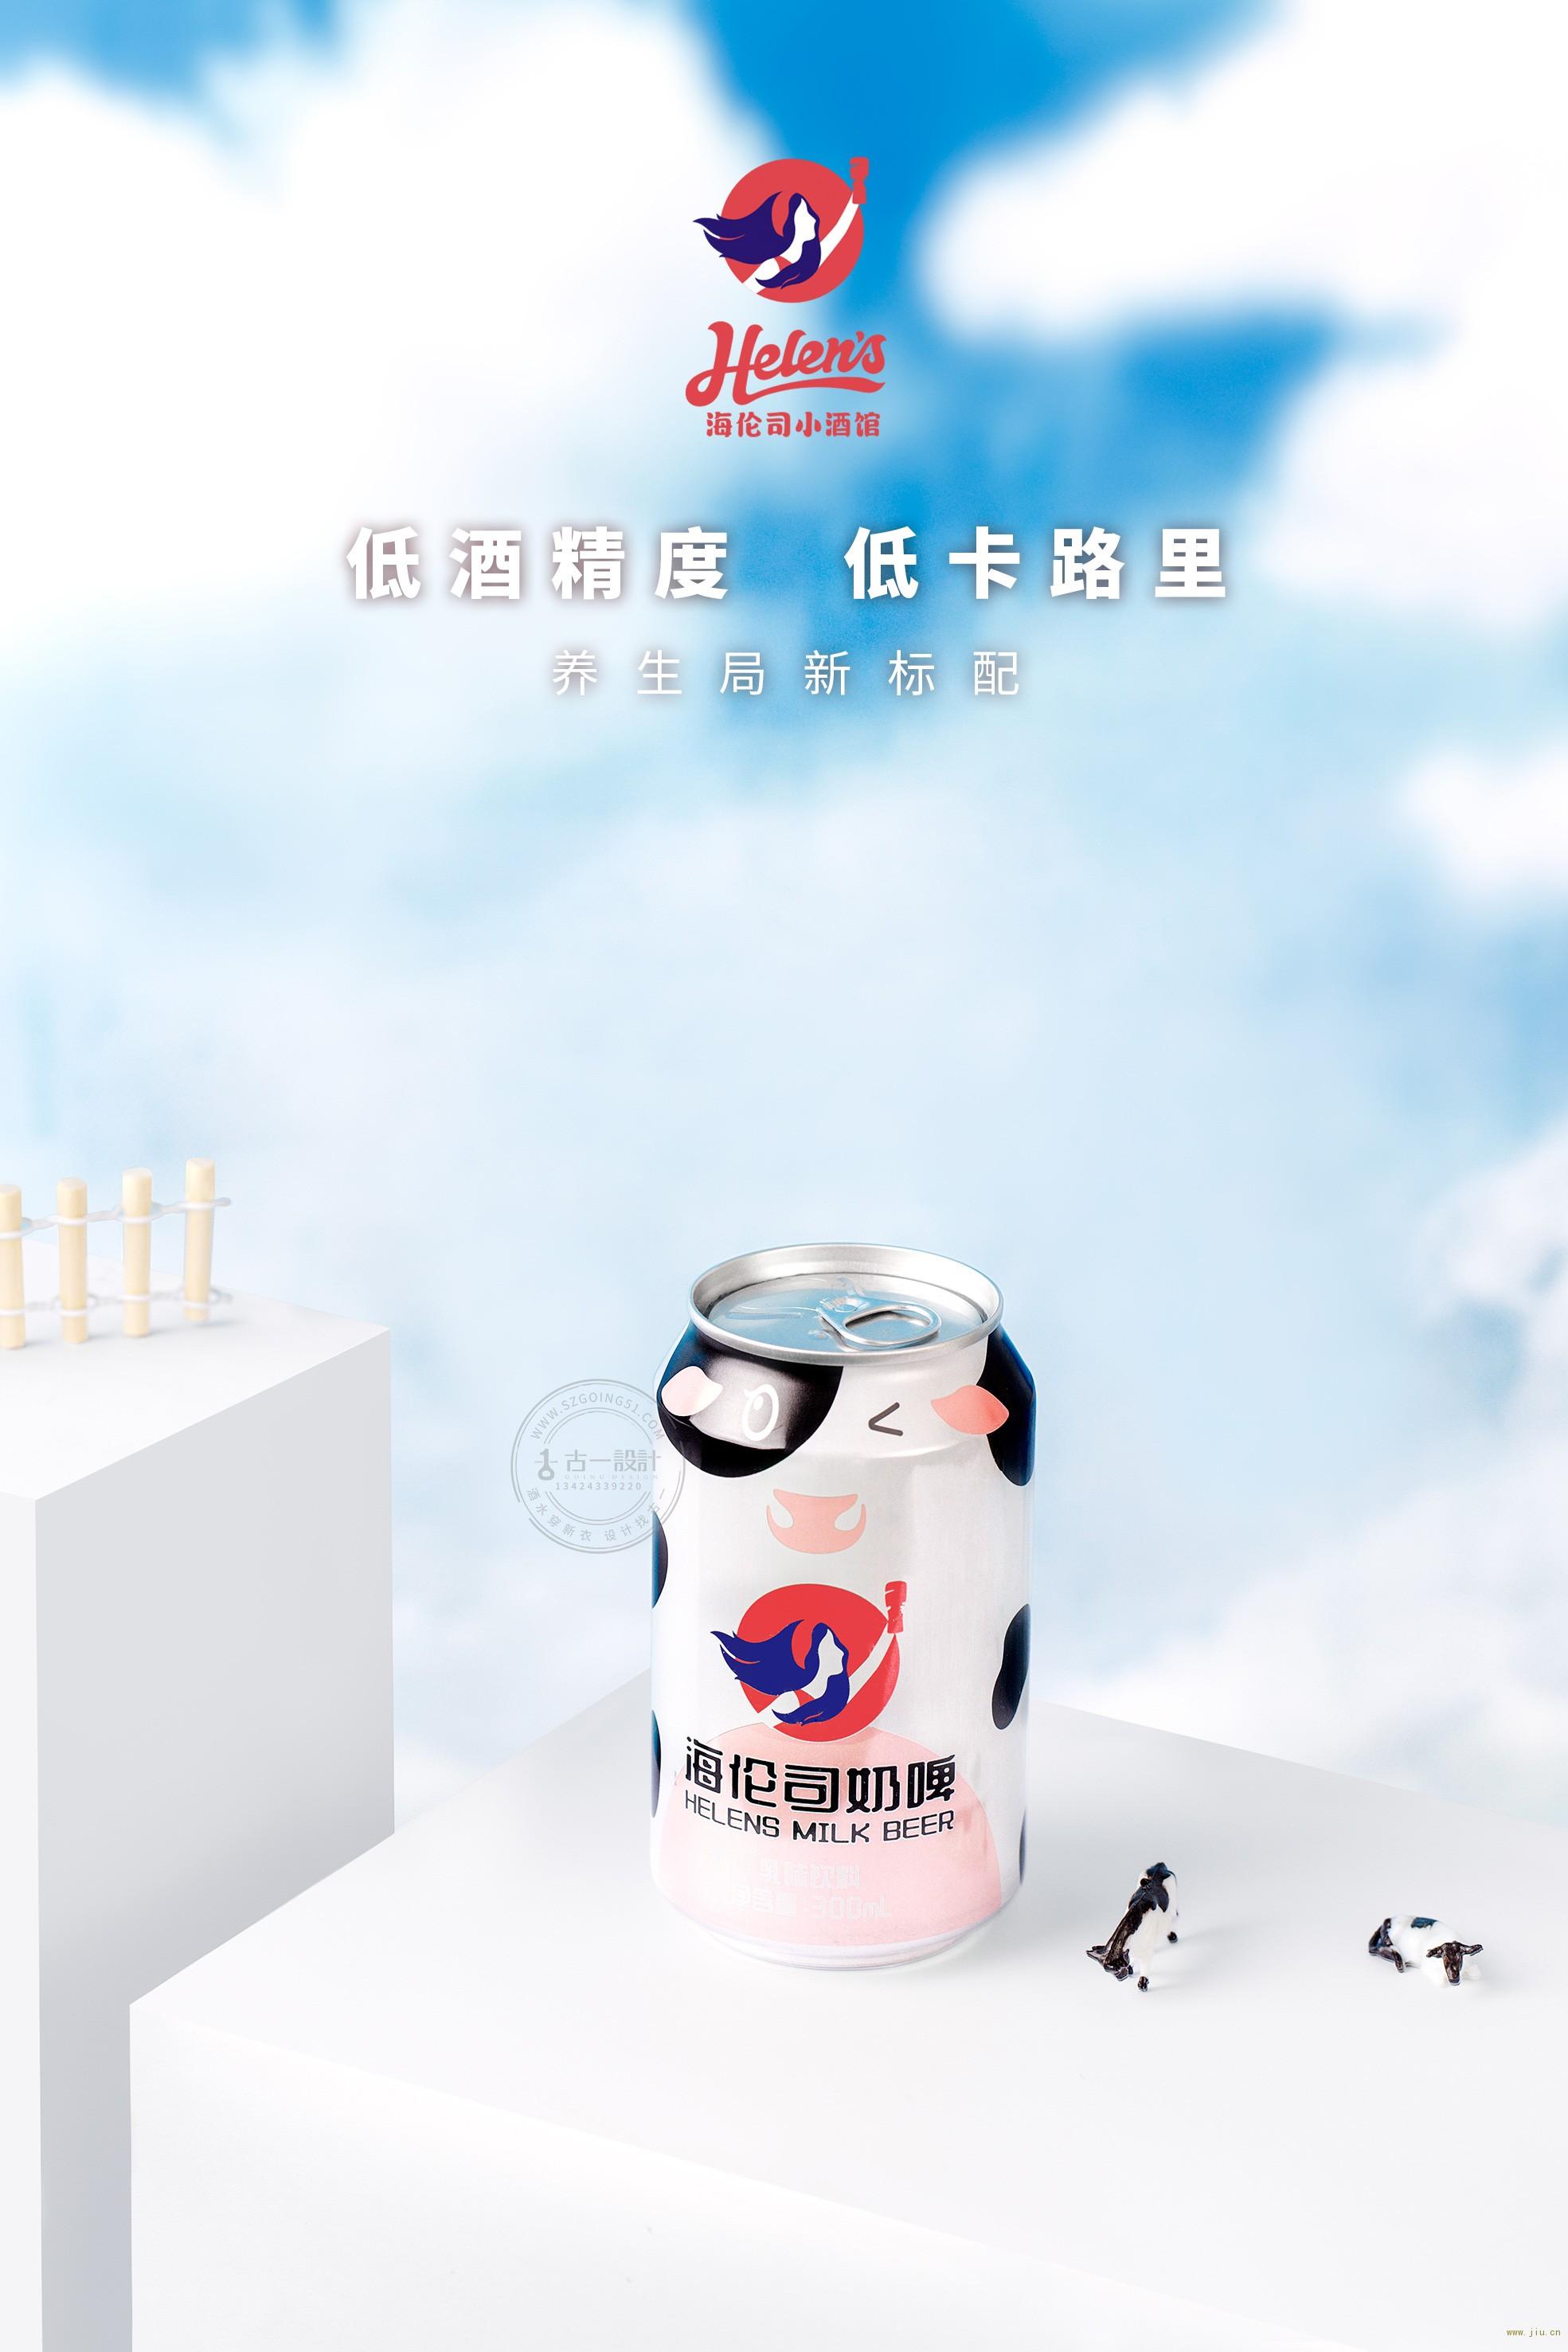 海伦司奶啤包装设计 海伦司奶啤标签设计 古一设计